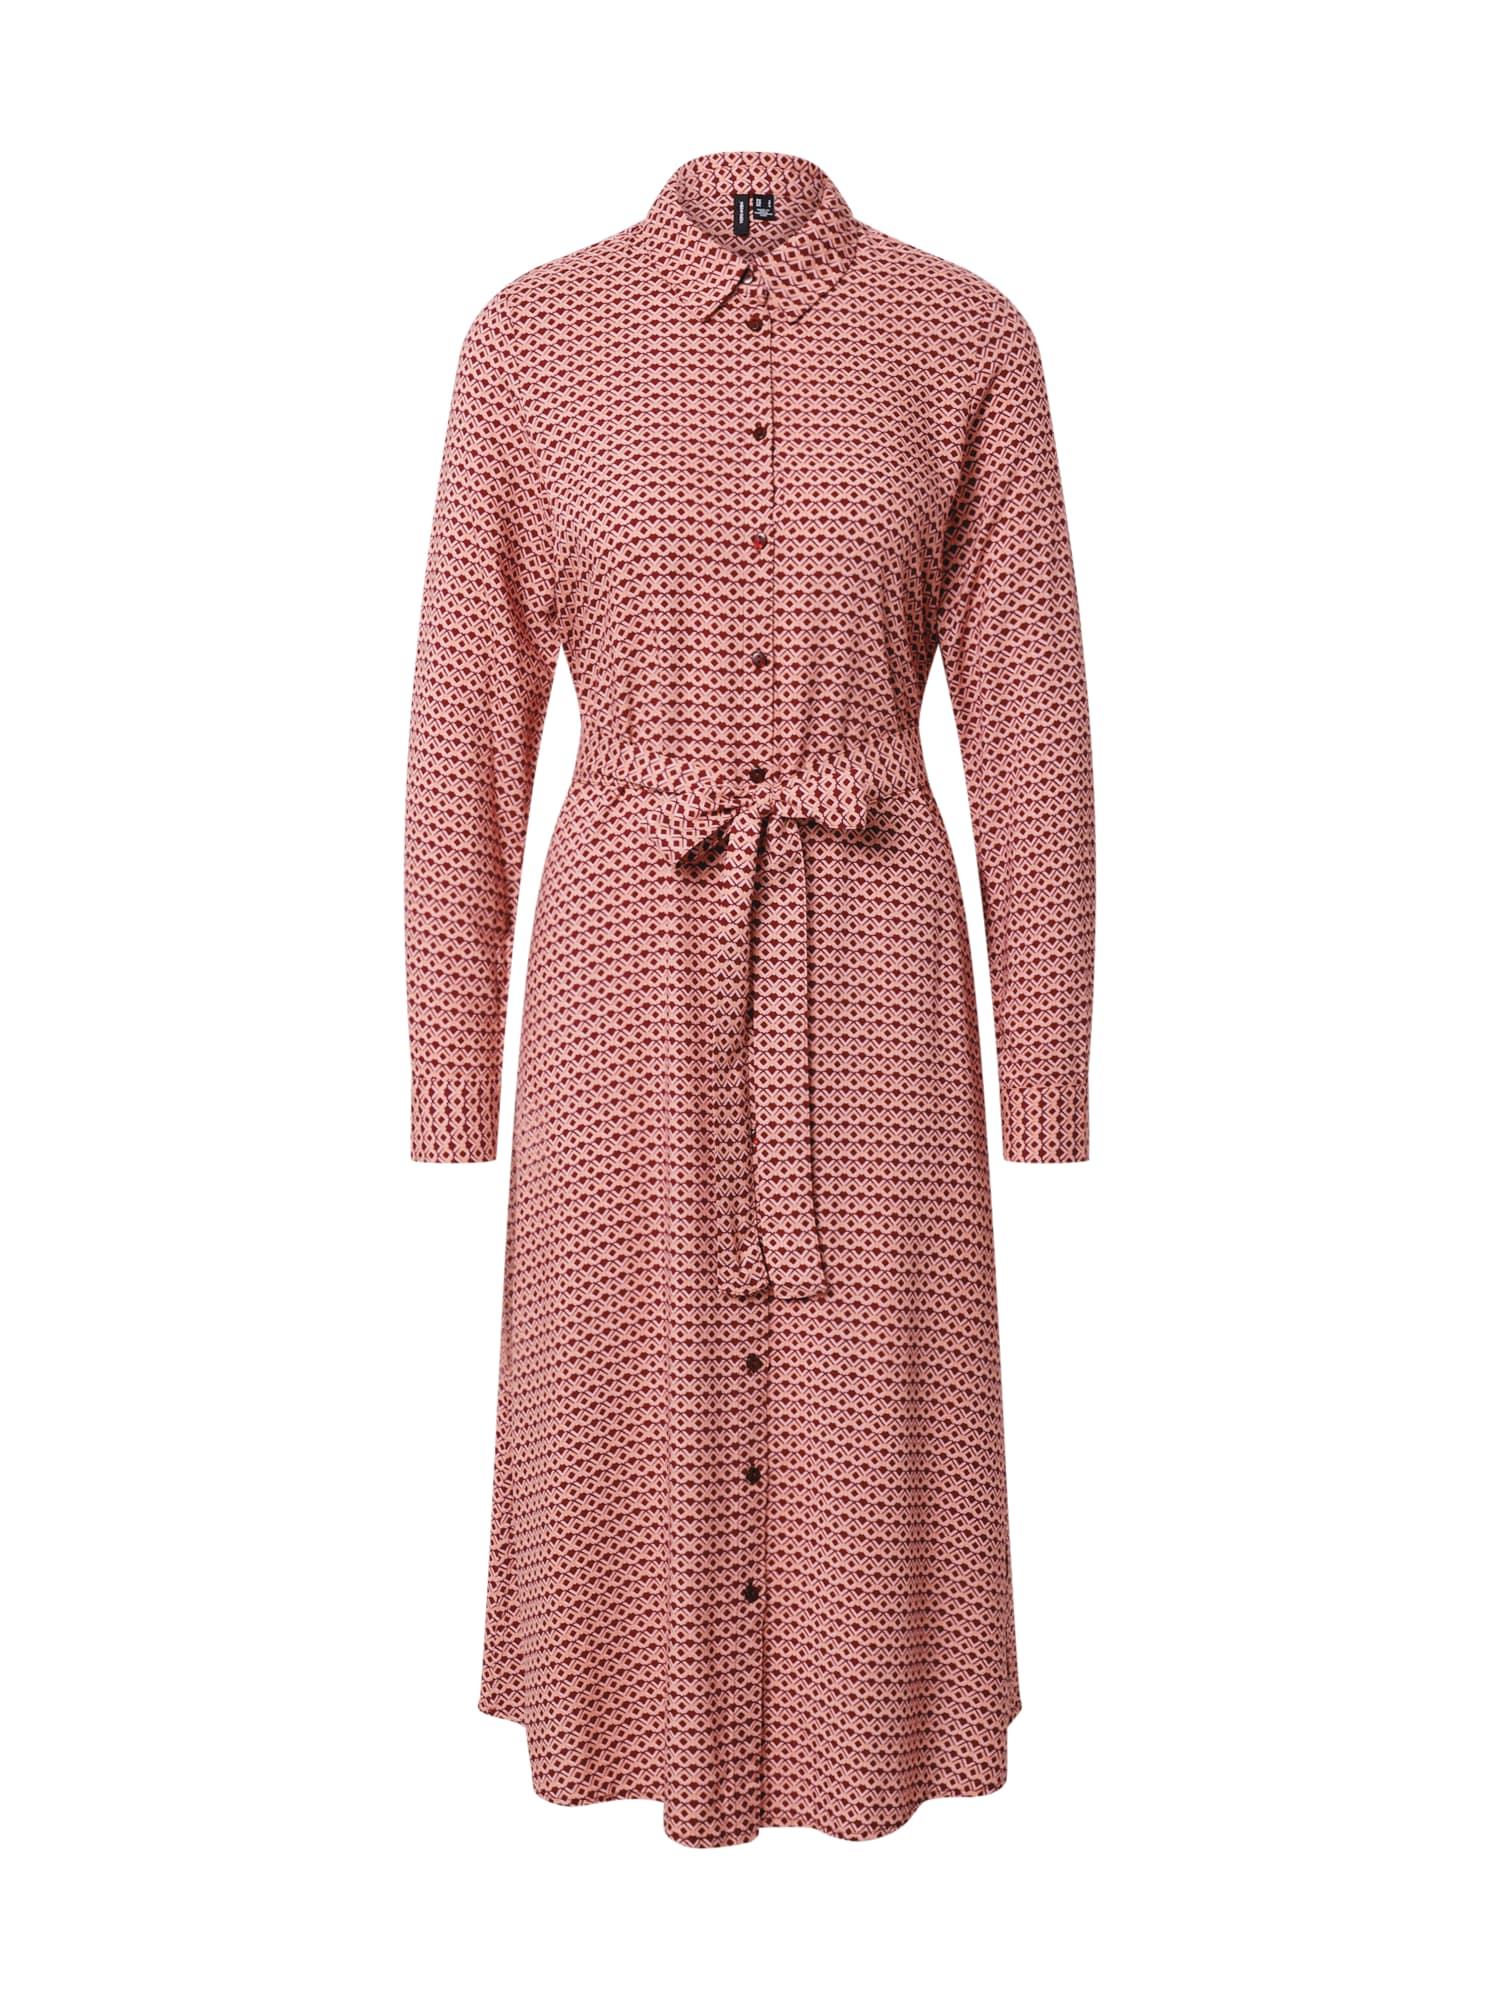 VERO MODA Košilové šaty 'Carmen'  vínově červená / růžová